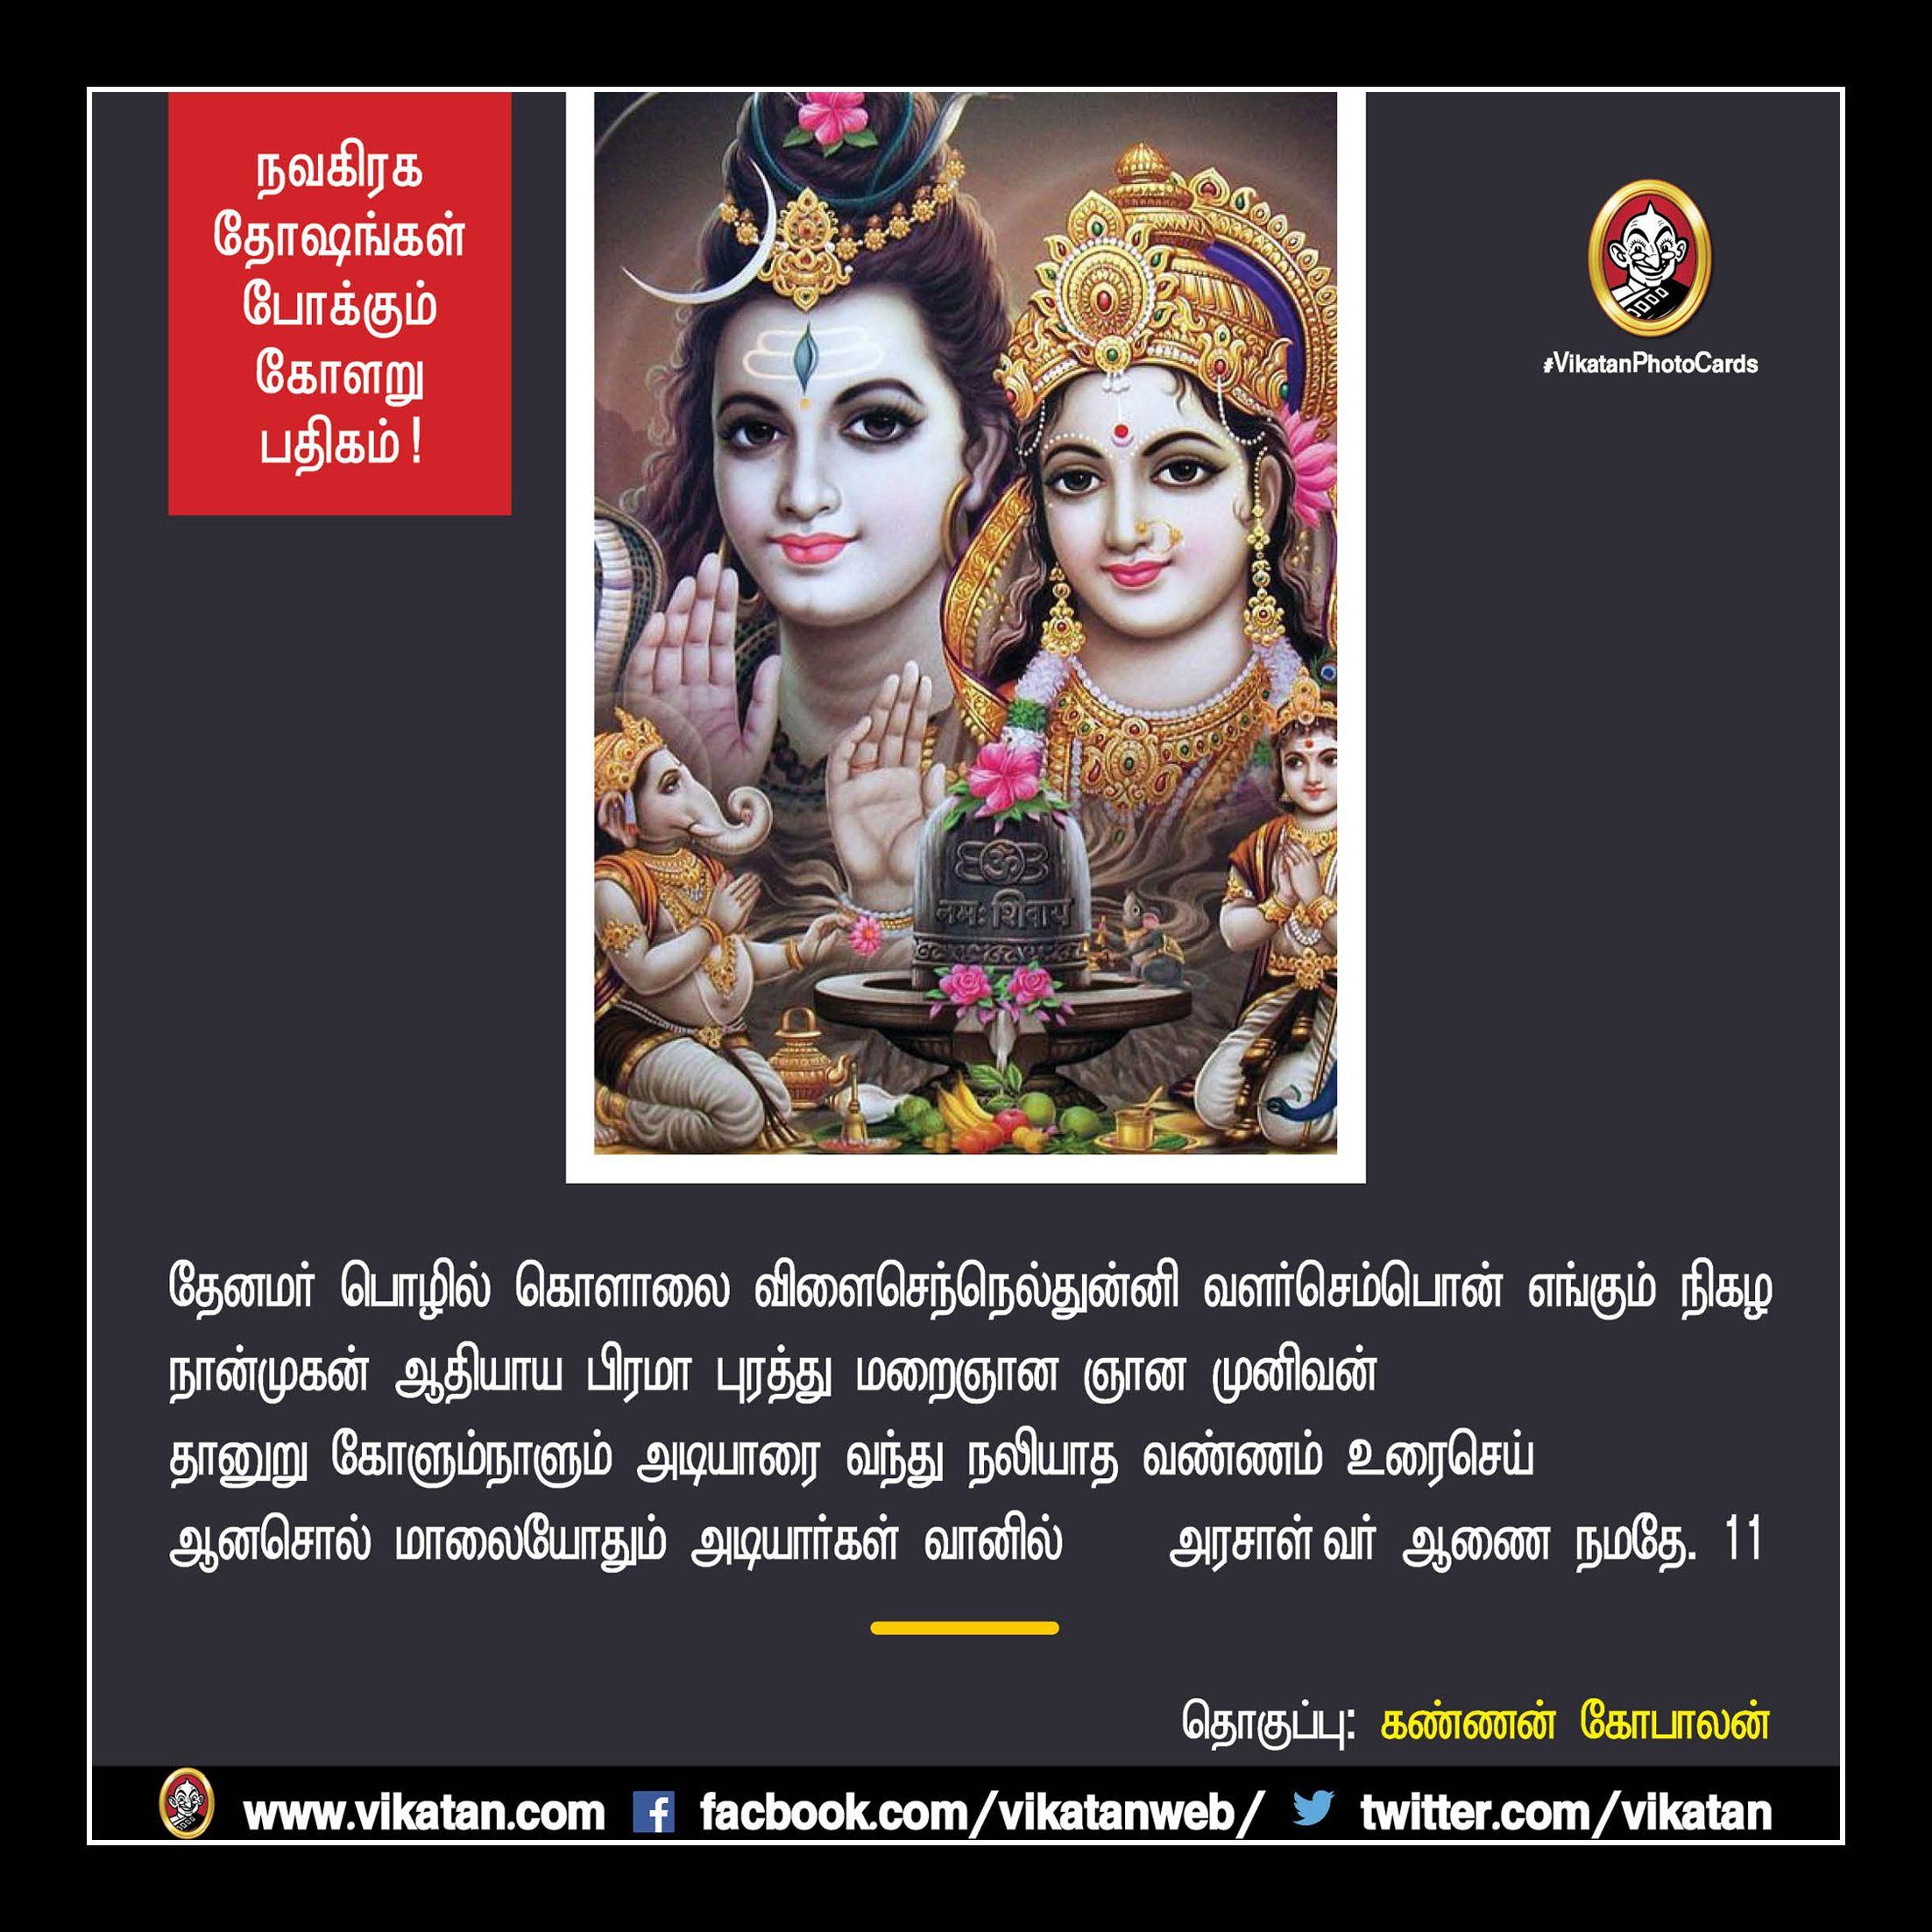 நவகிரக தோஷங்கள் போக்கும் கோளறு பதிகம்! #VikatanPhotoCards